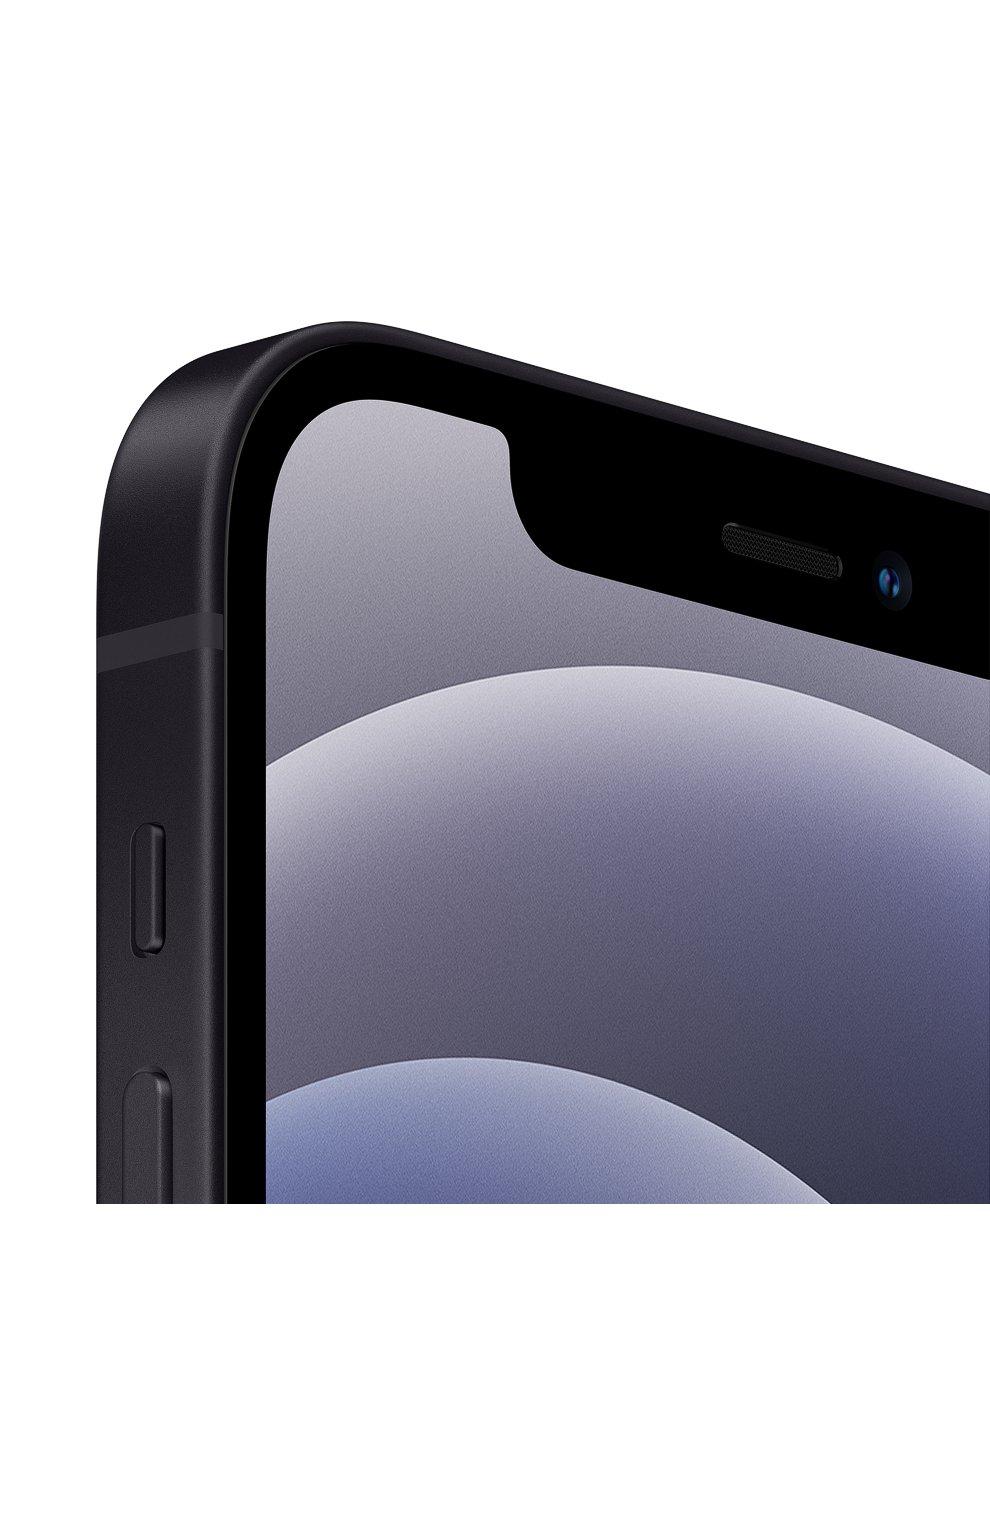 Мужские iphone 12 128gb black APPLE  black цвета, арт. MGJA3RU/A   Фото 2